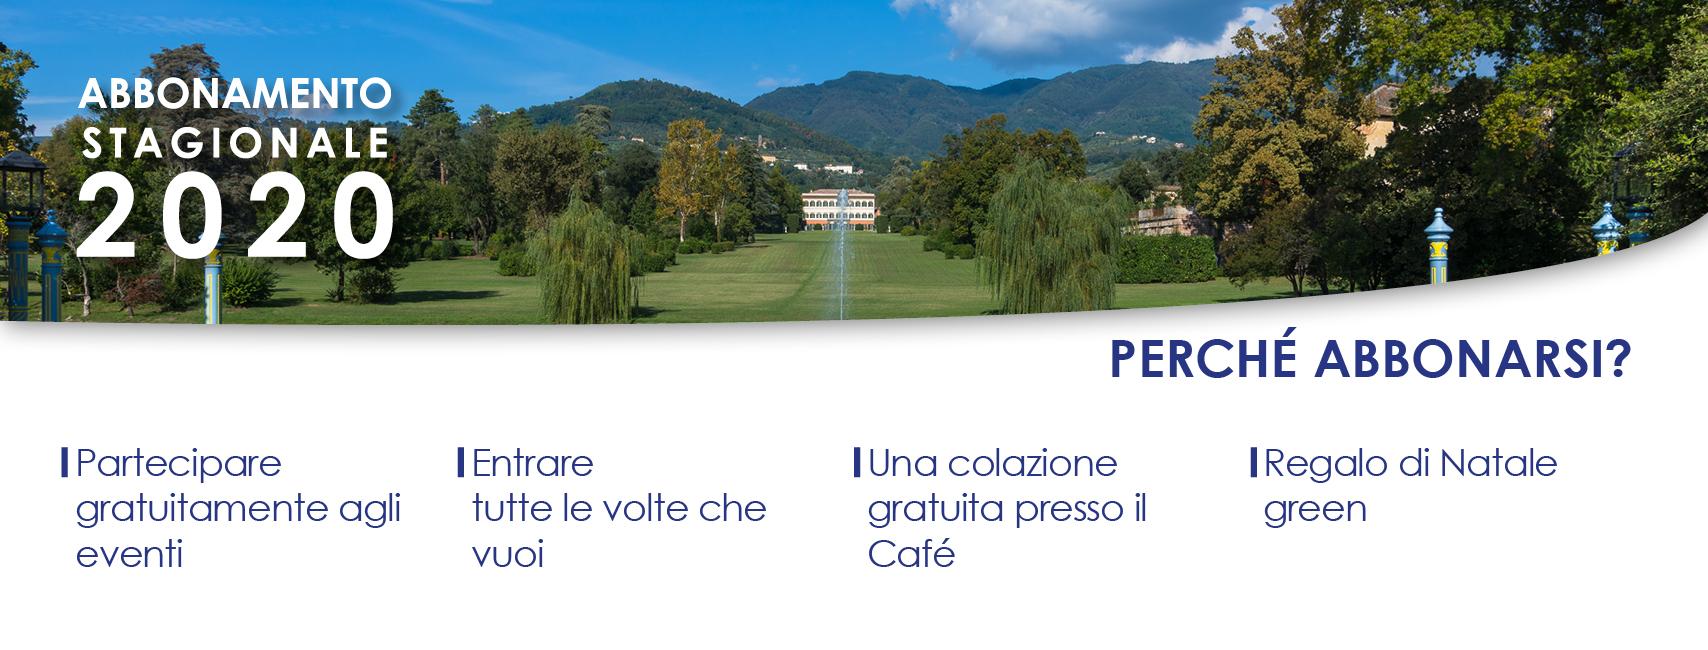 Perchè abbonarsi al parco di Villa Reale?